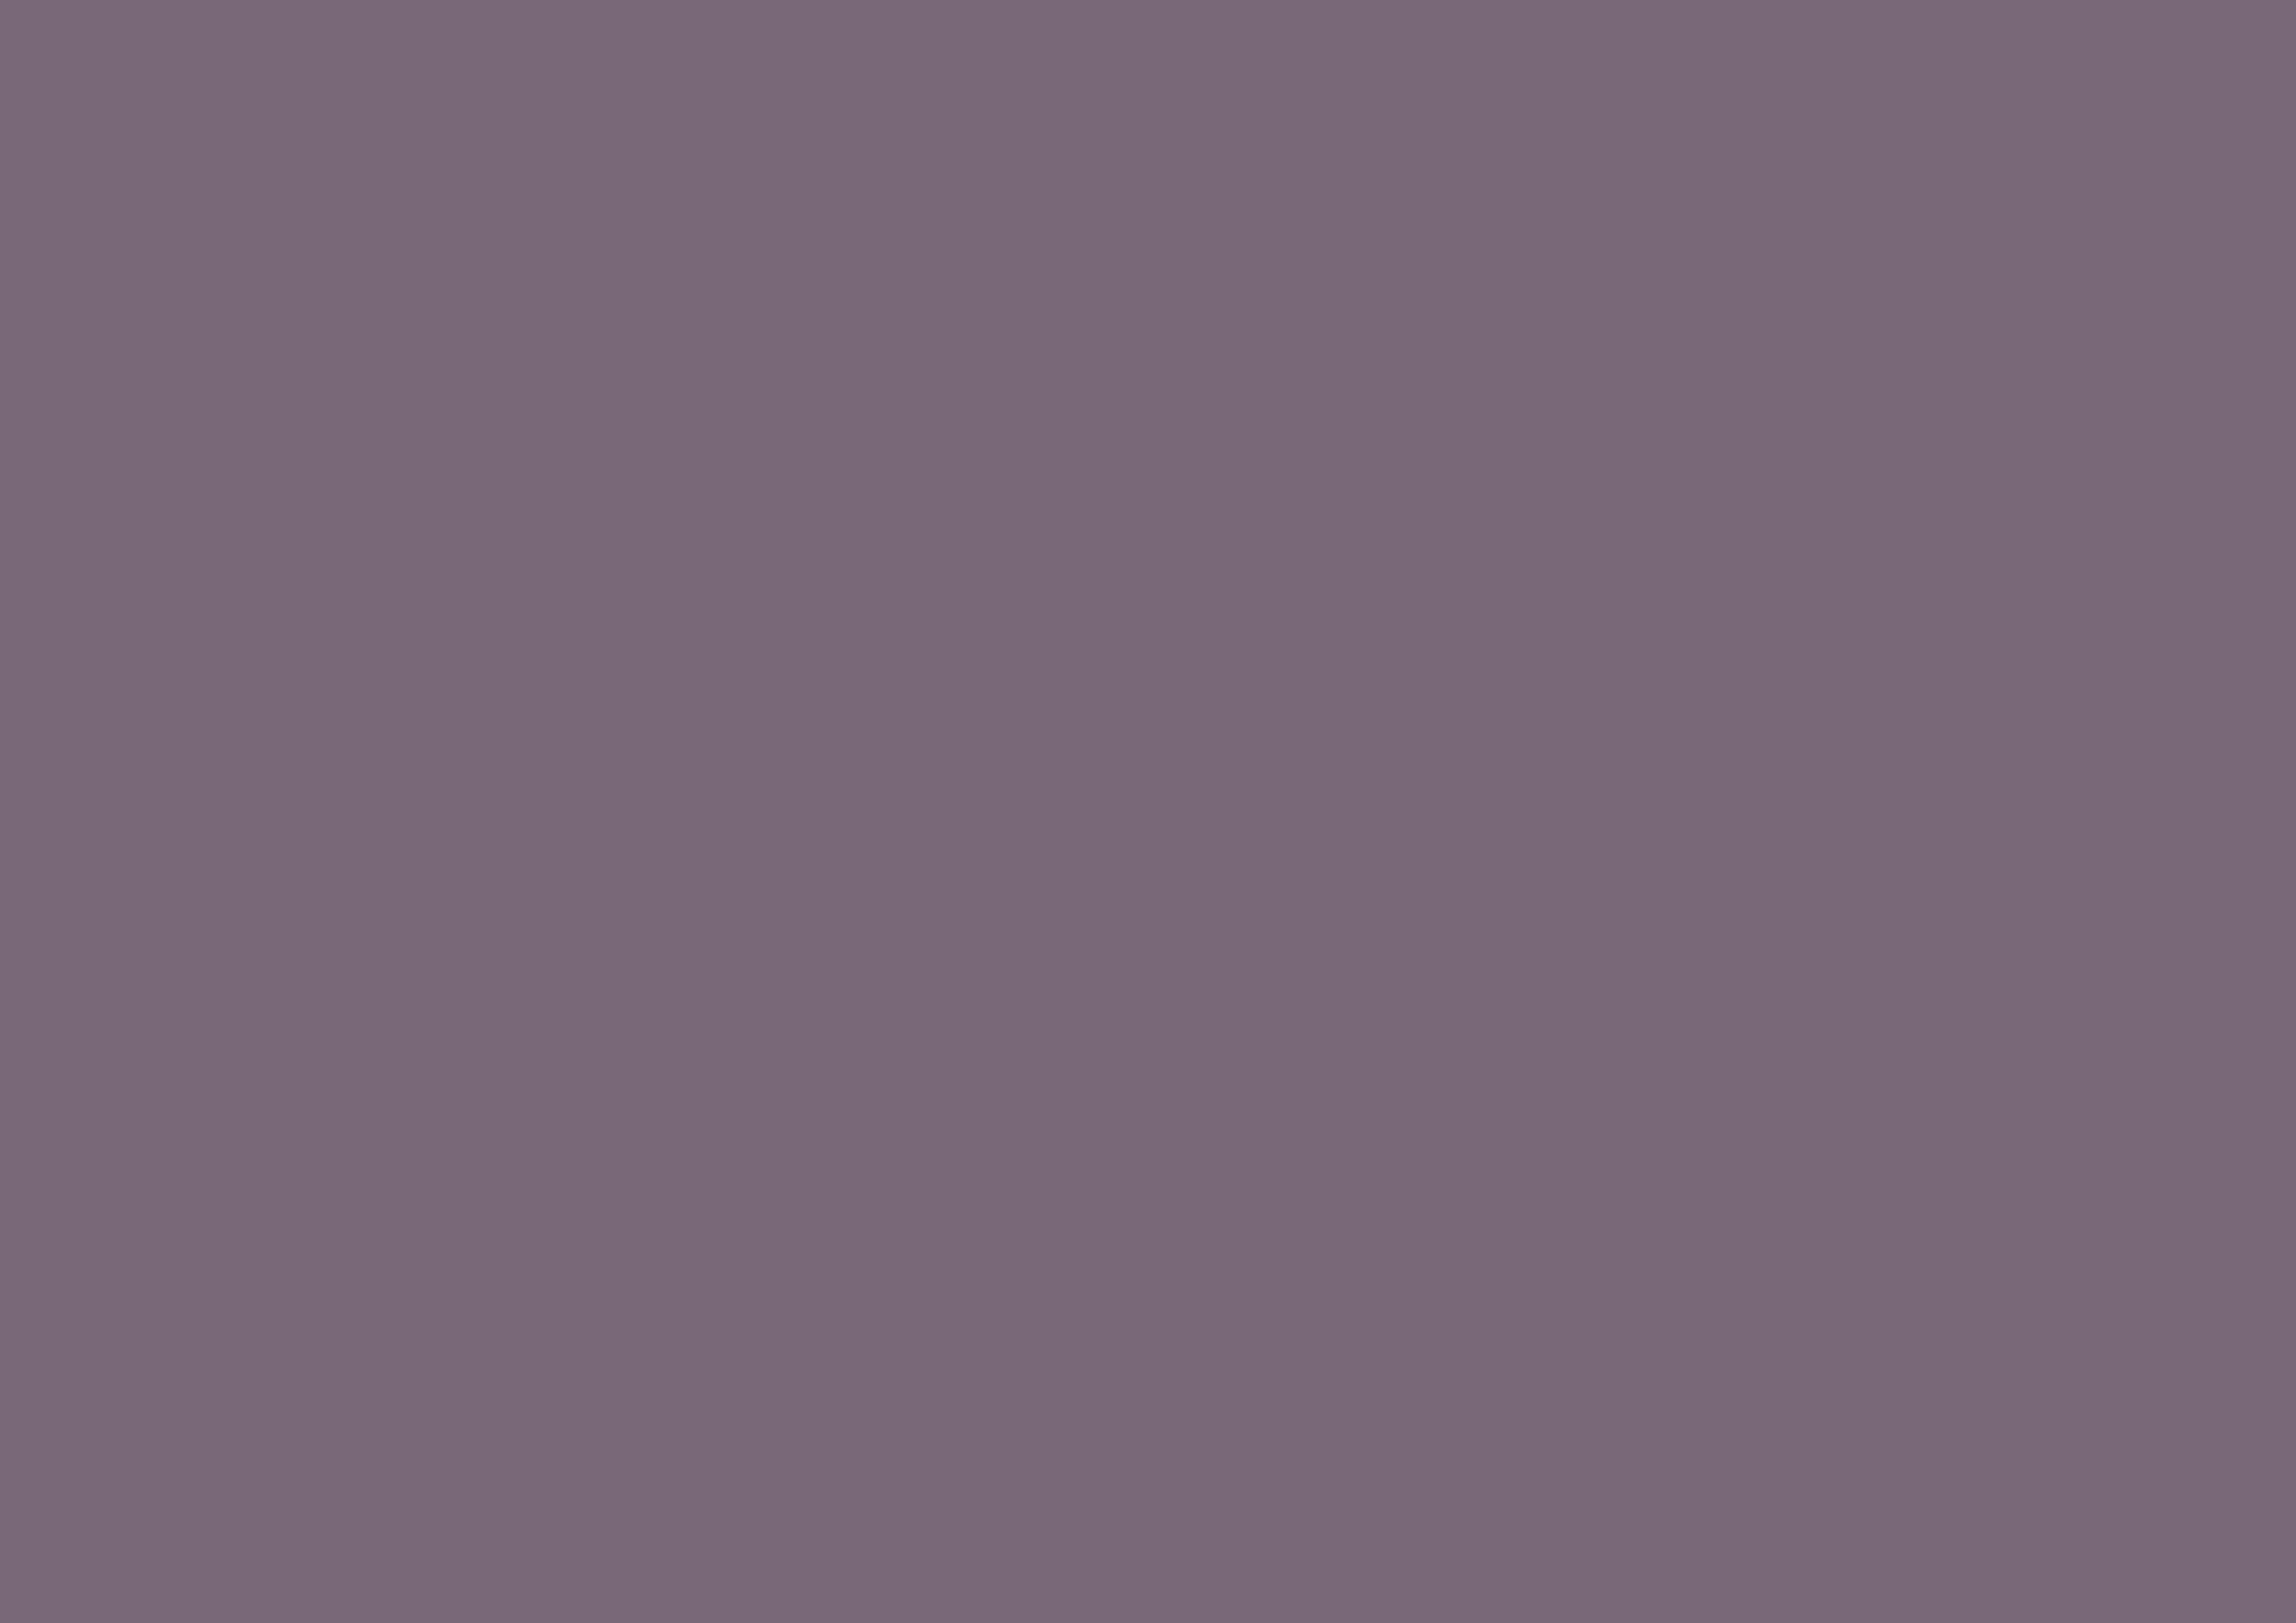 3508x2480 Old Lavender Solid Color Background